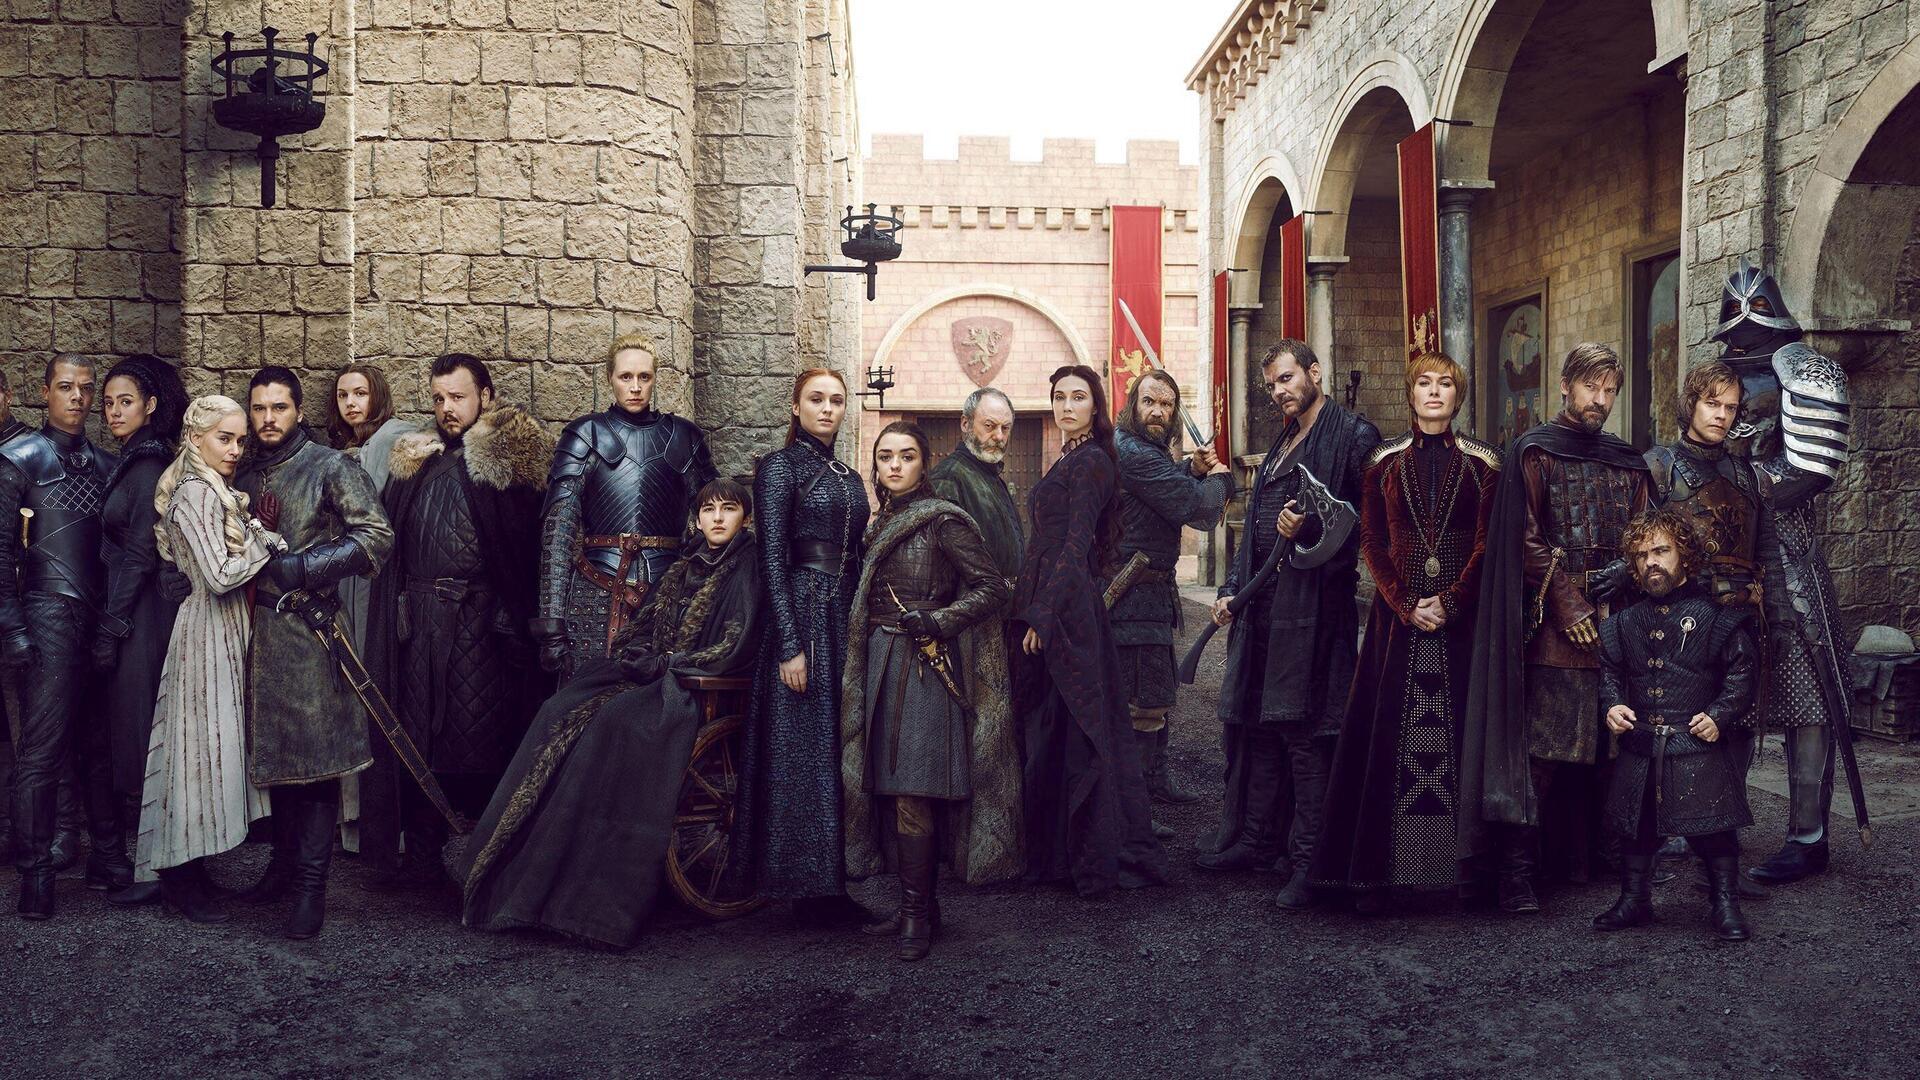 1920x1080 Game Of Thrones Season 8 Full Cast 4k Laptop ... Game Of Thrones Cast Season 4 Episode 6